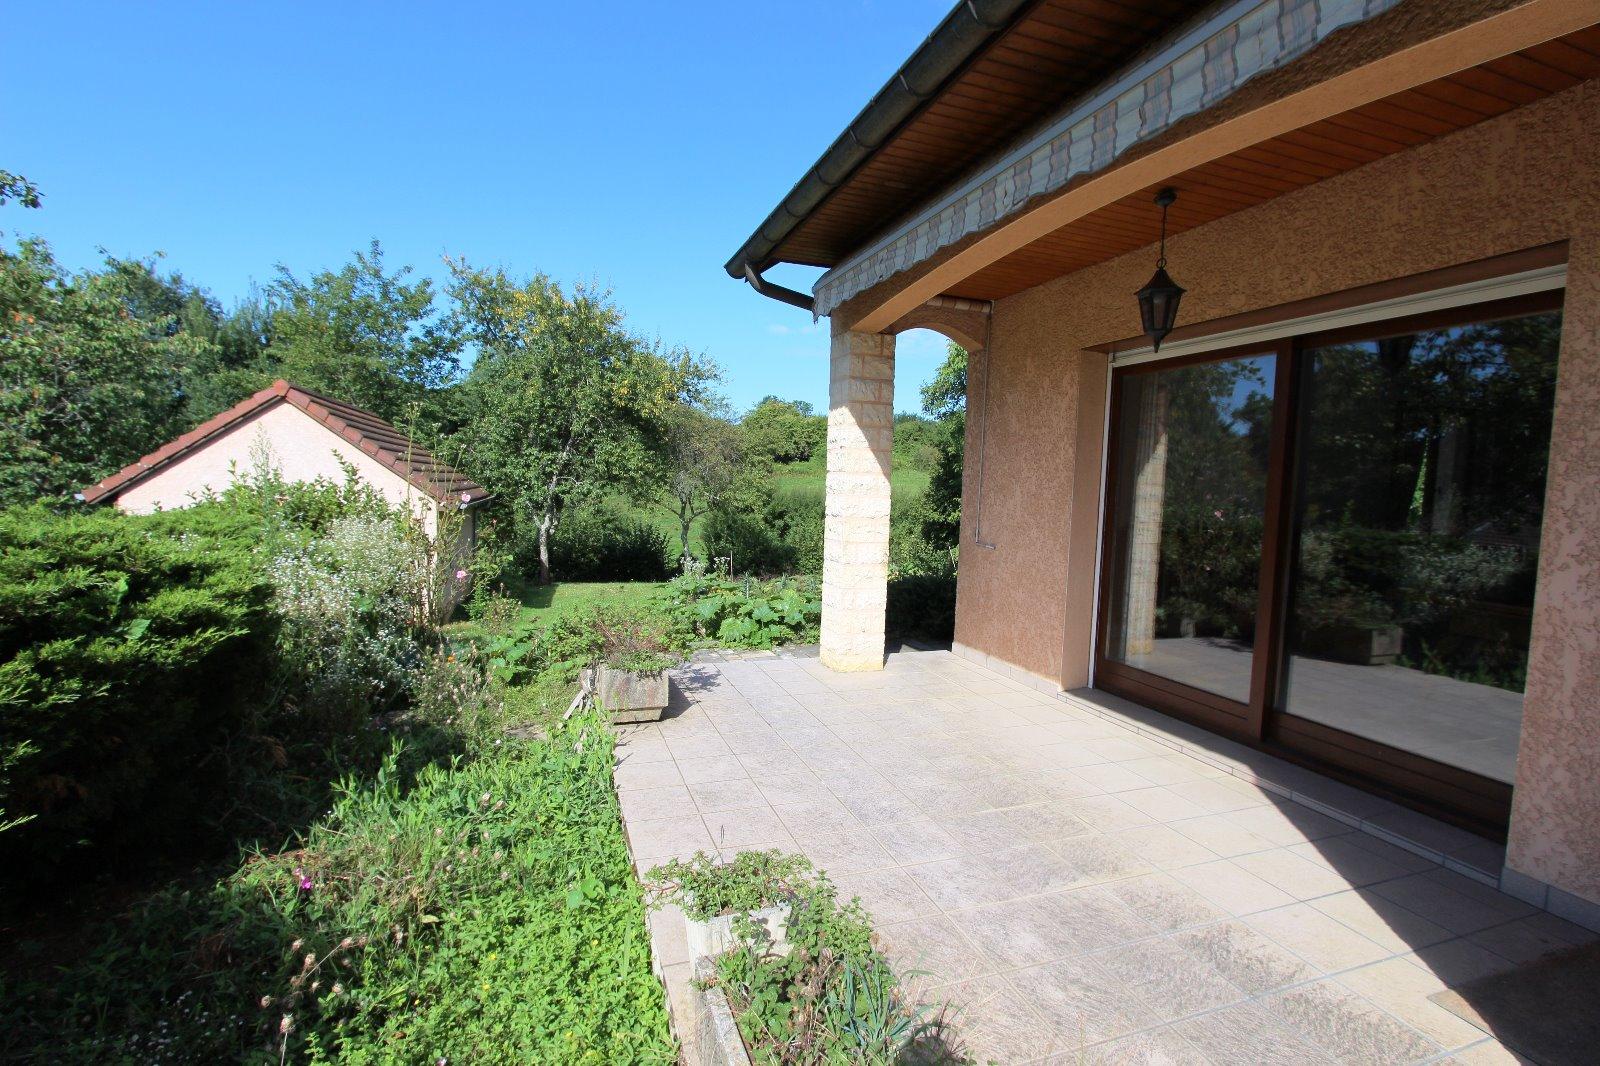 Lons le saunier 39 jura vendre maison de plain pied 3 chambres 2 garages 3d immobilier - Garage thevenod lons le saunier ...